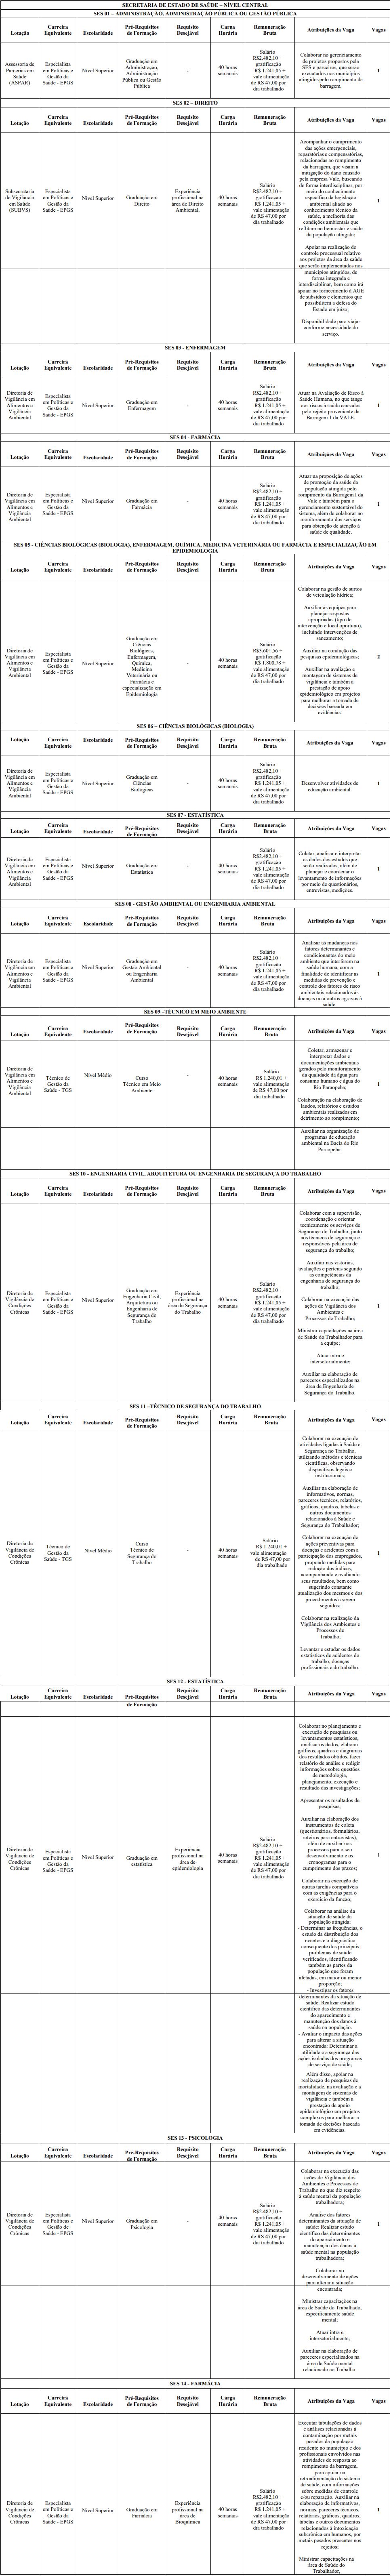 VAGAS DEF 1 - Processo Seletivo SES MG: Inscrições encerradas